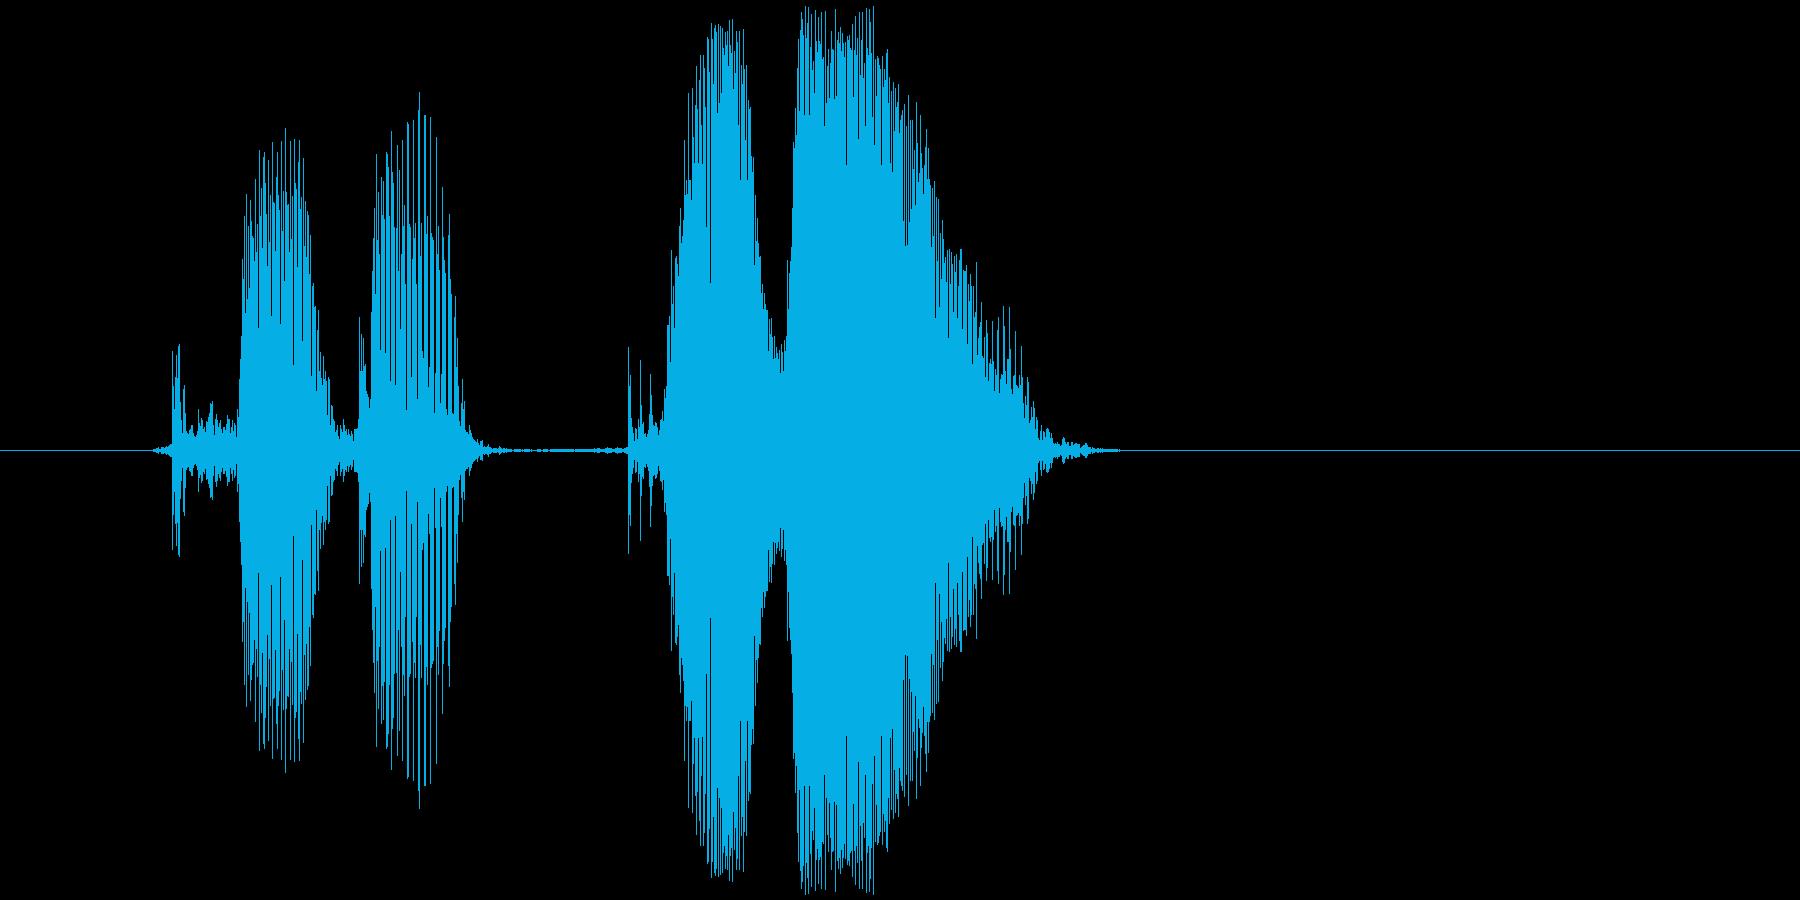 「クリクリ」の再生済みの波形